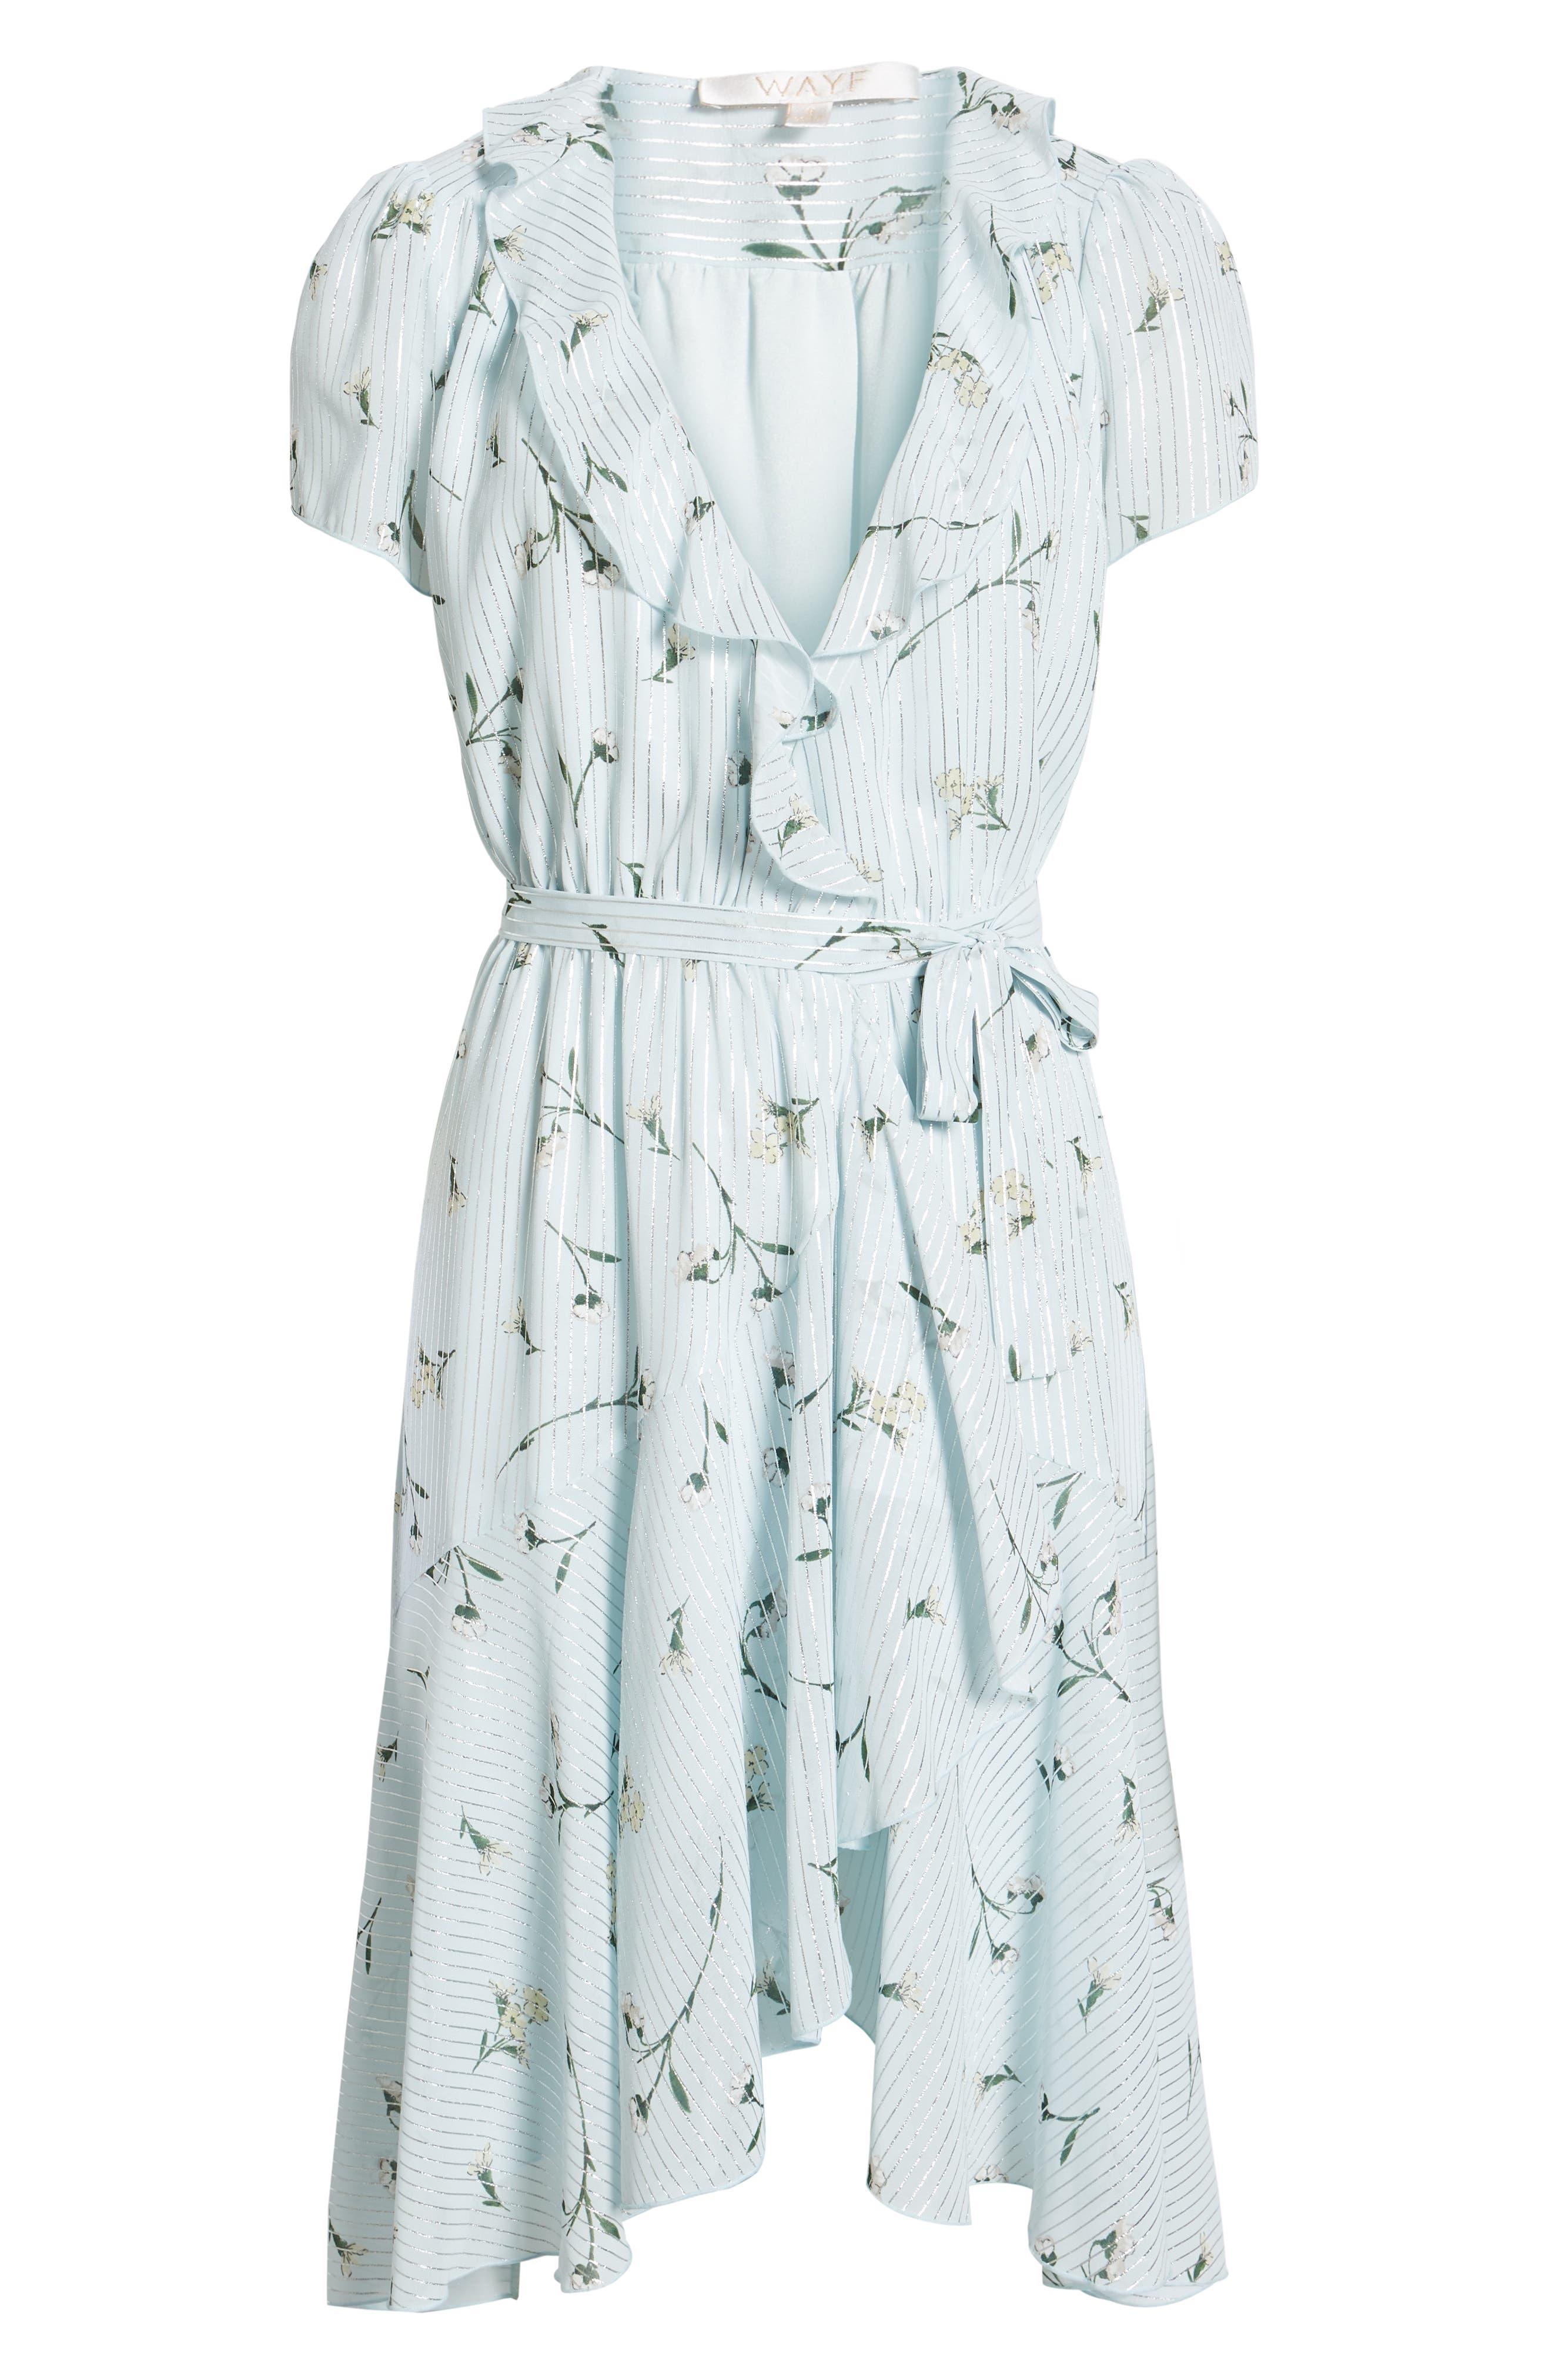 Sutton Wrap Dress,                             Alternate thumbnail 7, color,                             SKY BLUE FLORAL